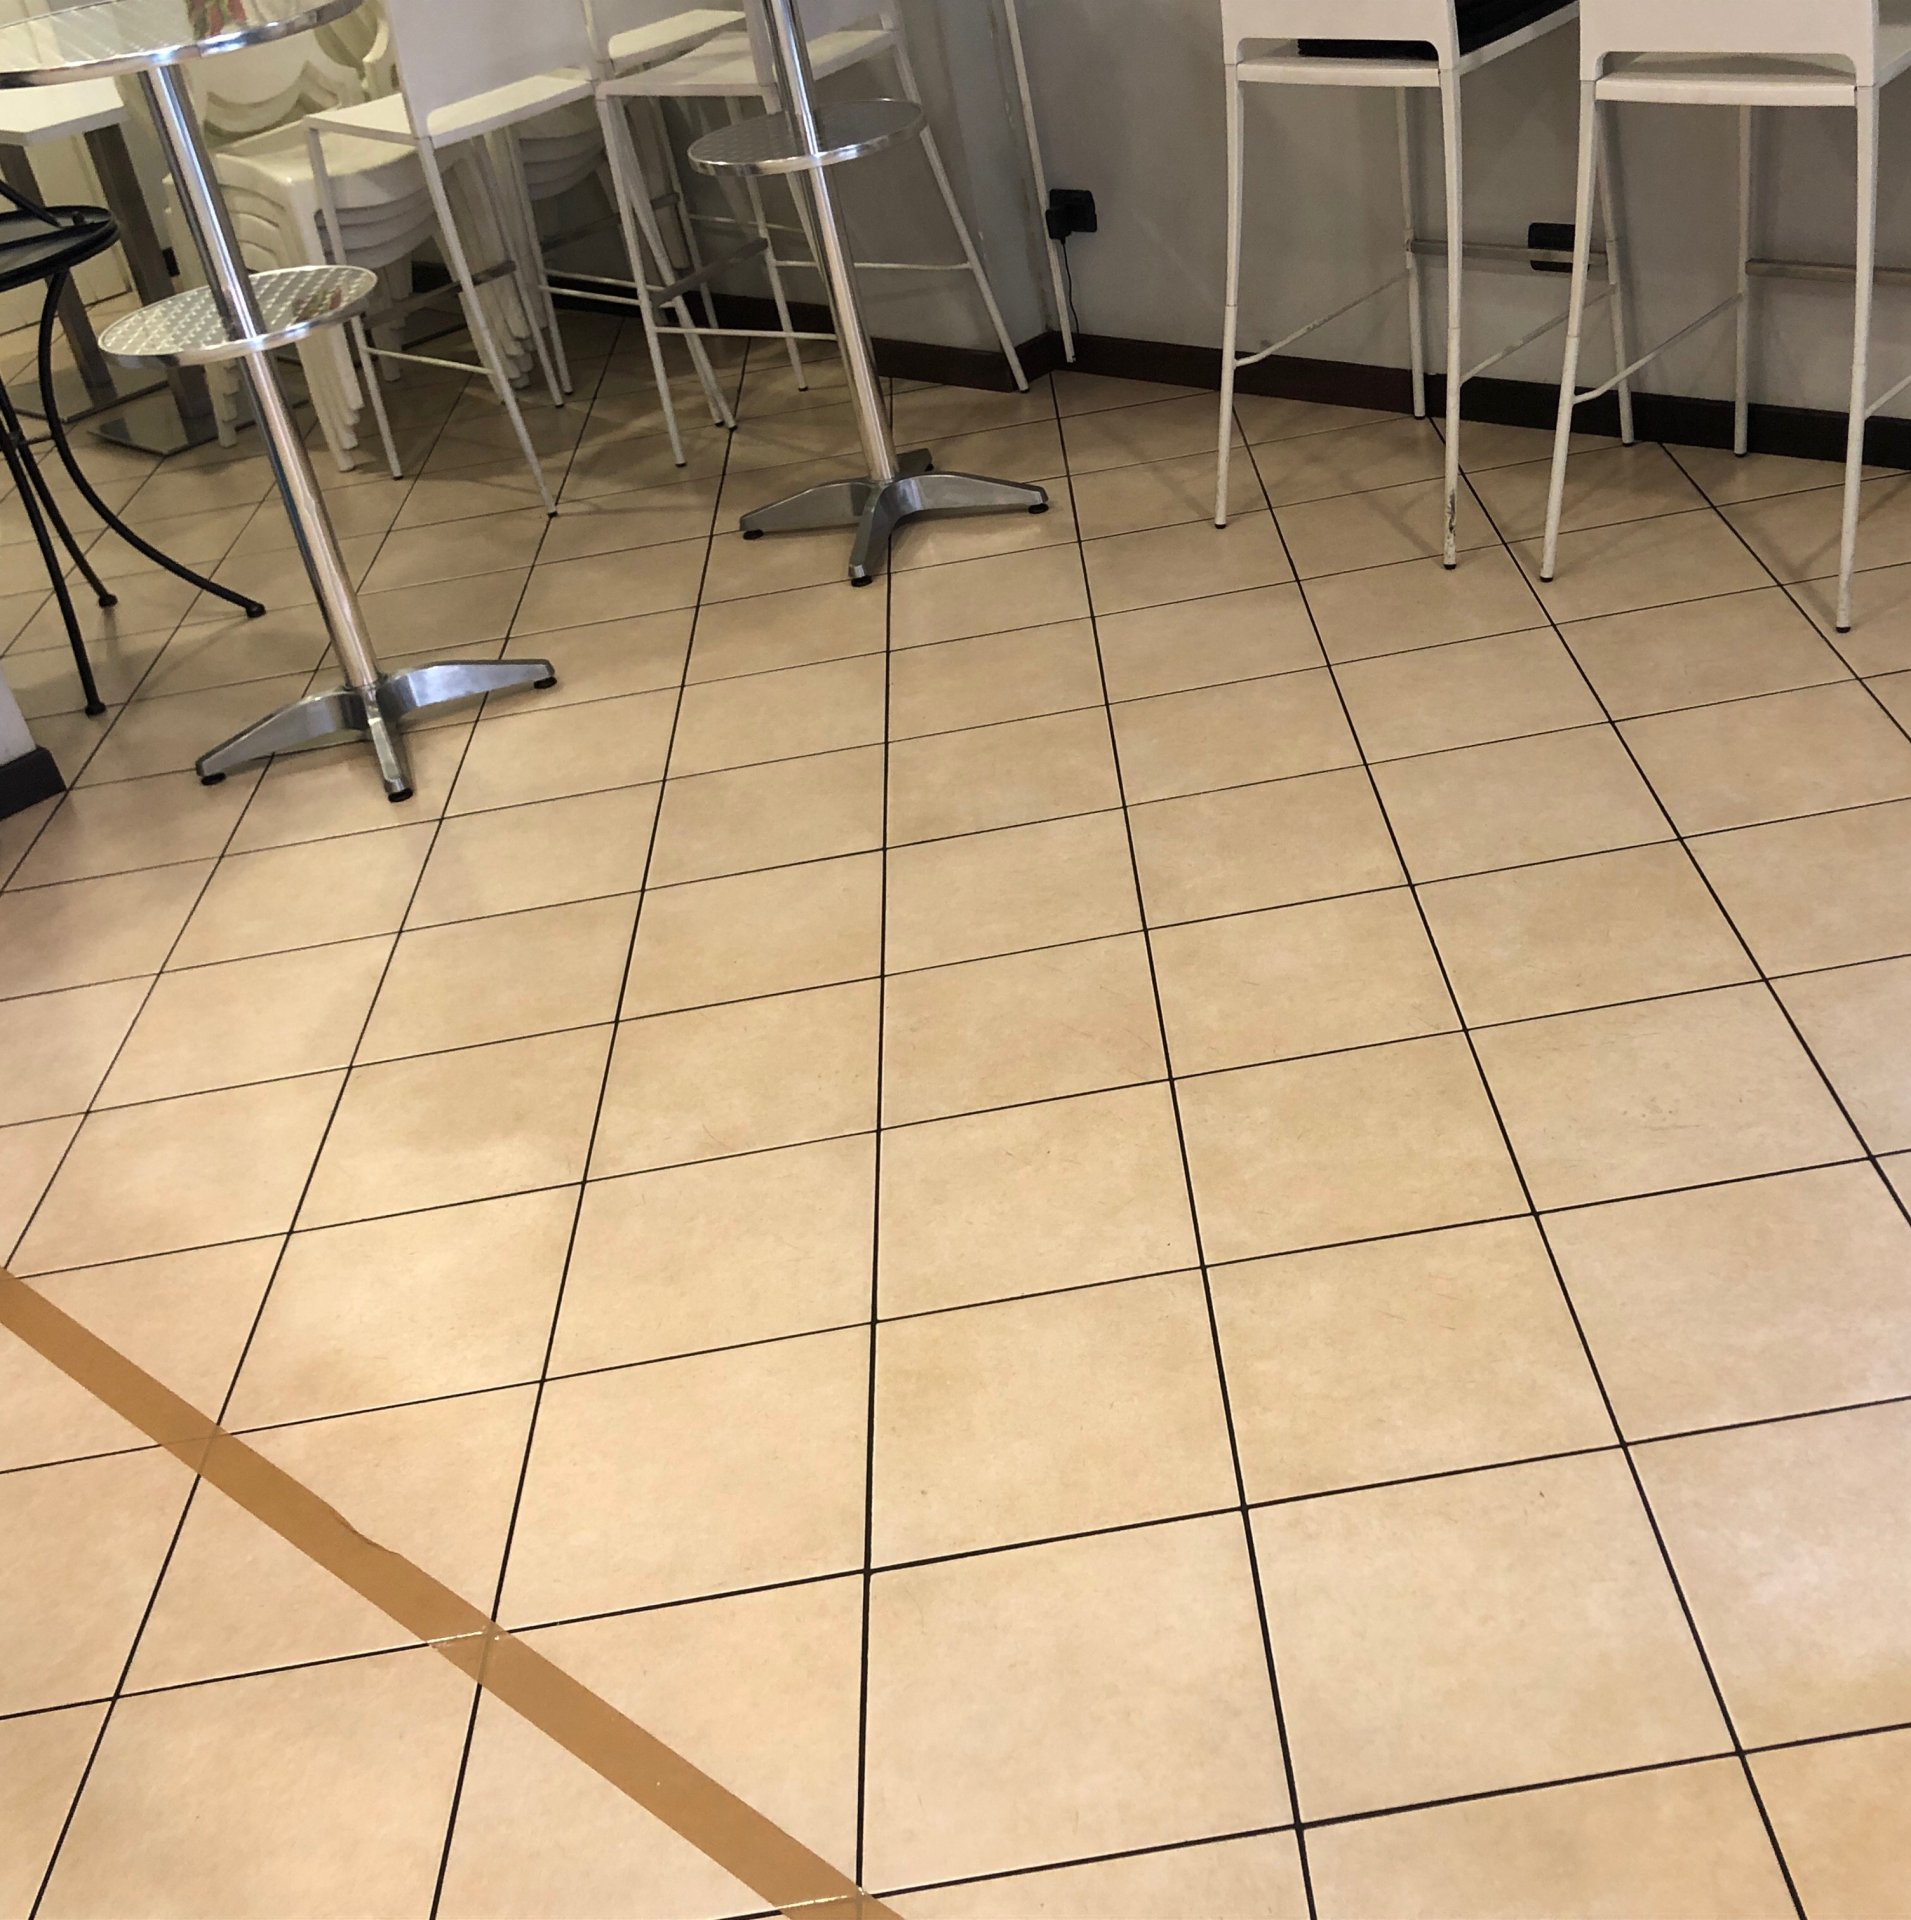 Come sarà tornare nei ristoranti? Le regole per poter riaprire ...